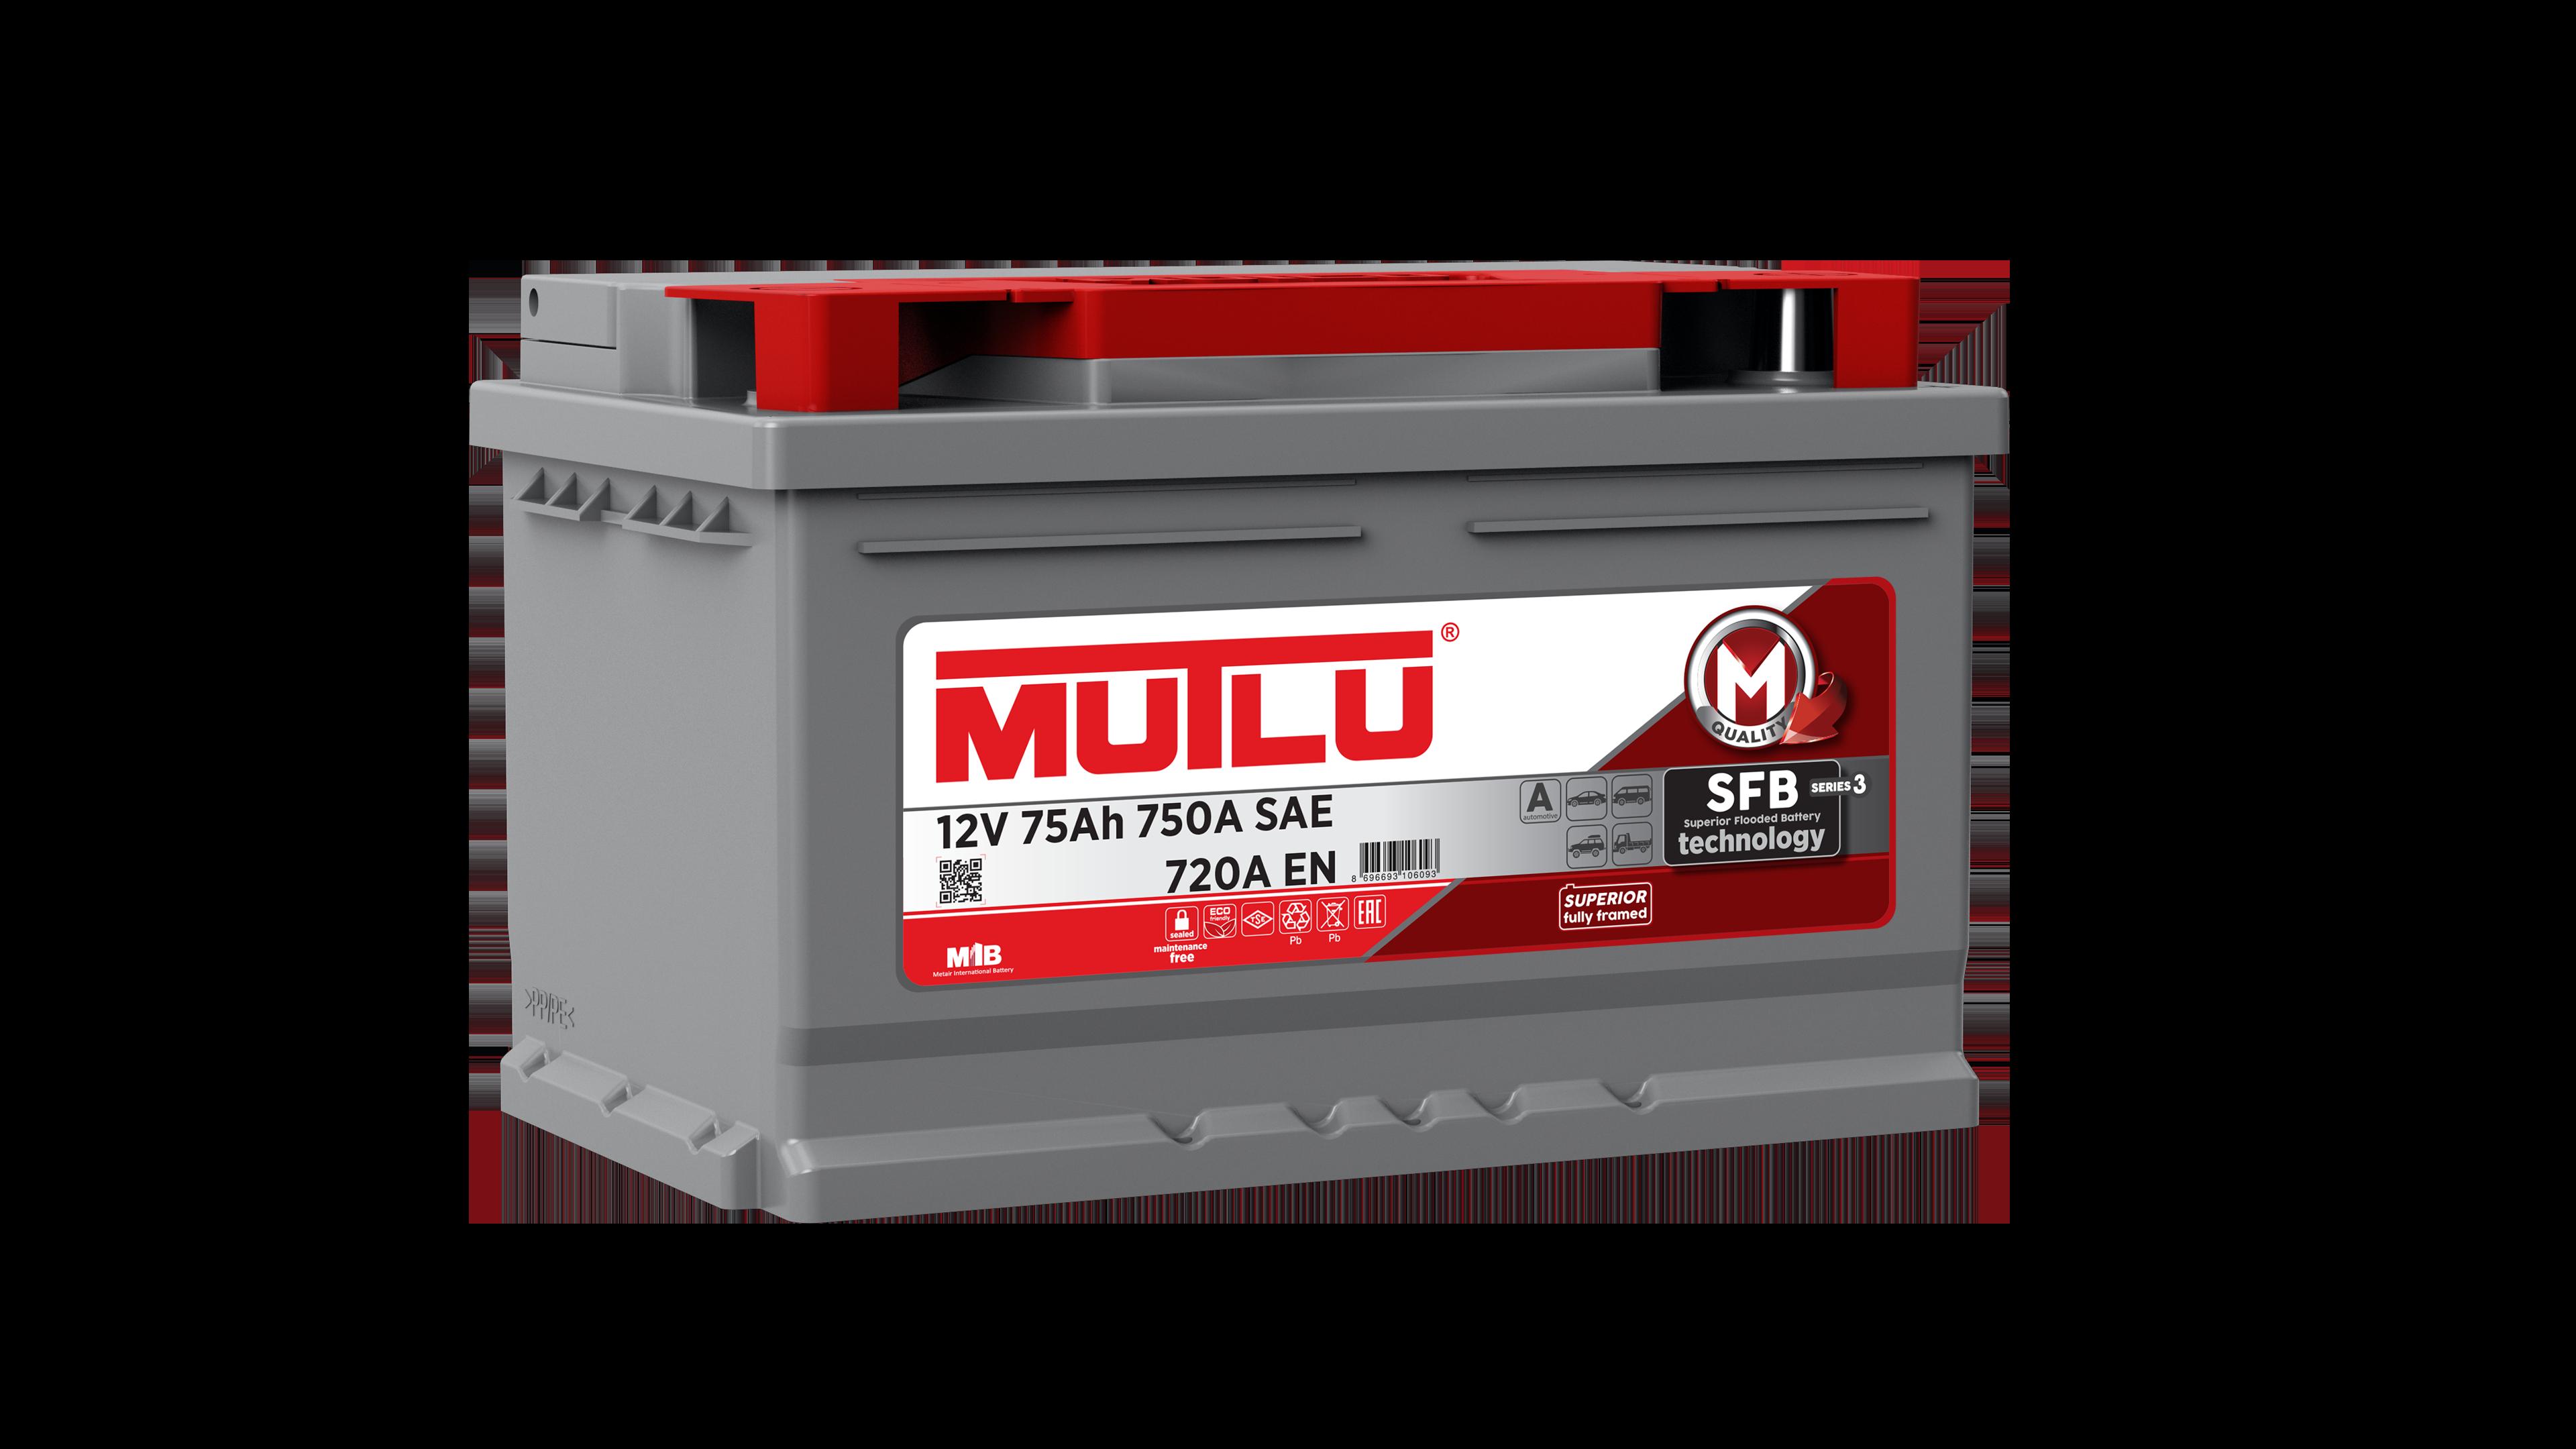 Mutlu LB375072A Батарея аккумуляторная 75А/ч 720А 12В обратная поляр. стандартные клеммы